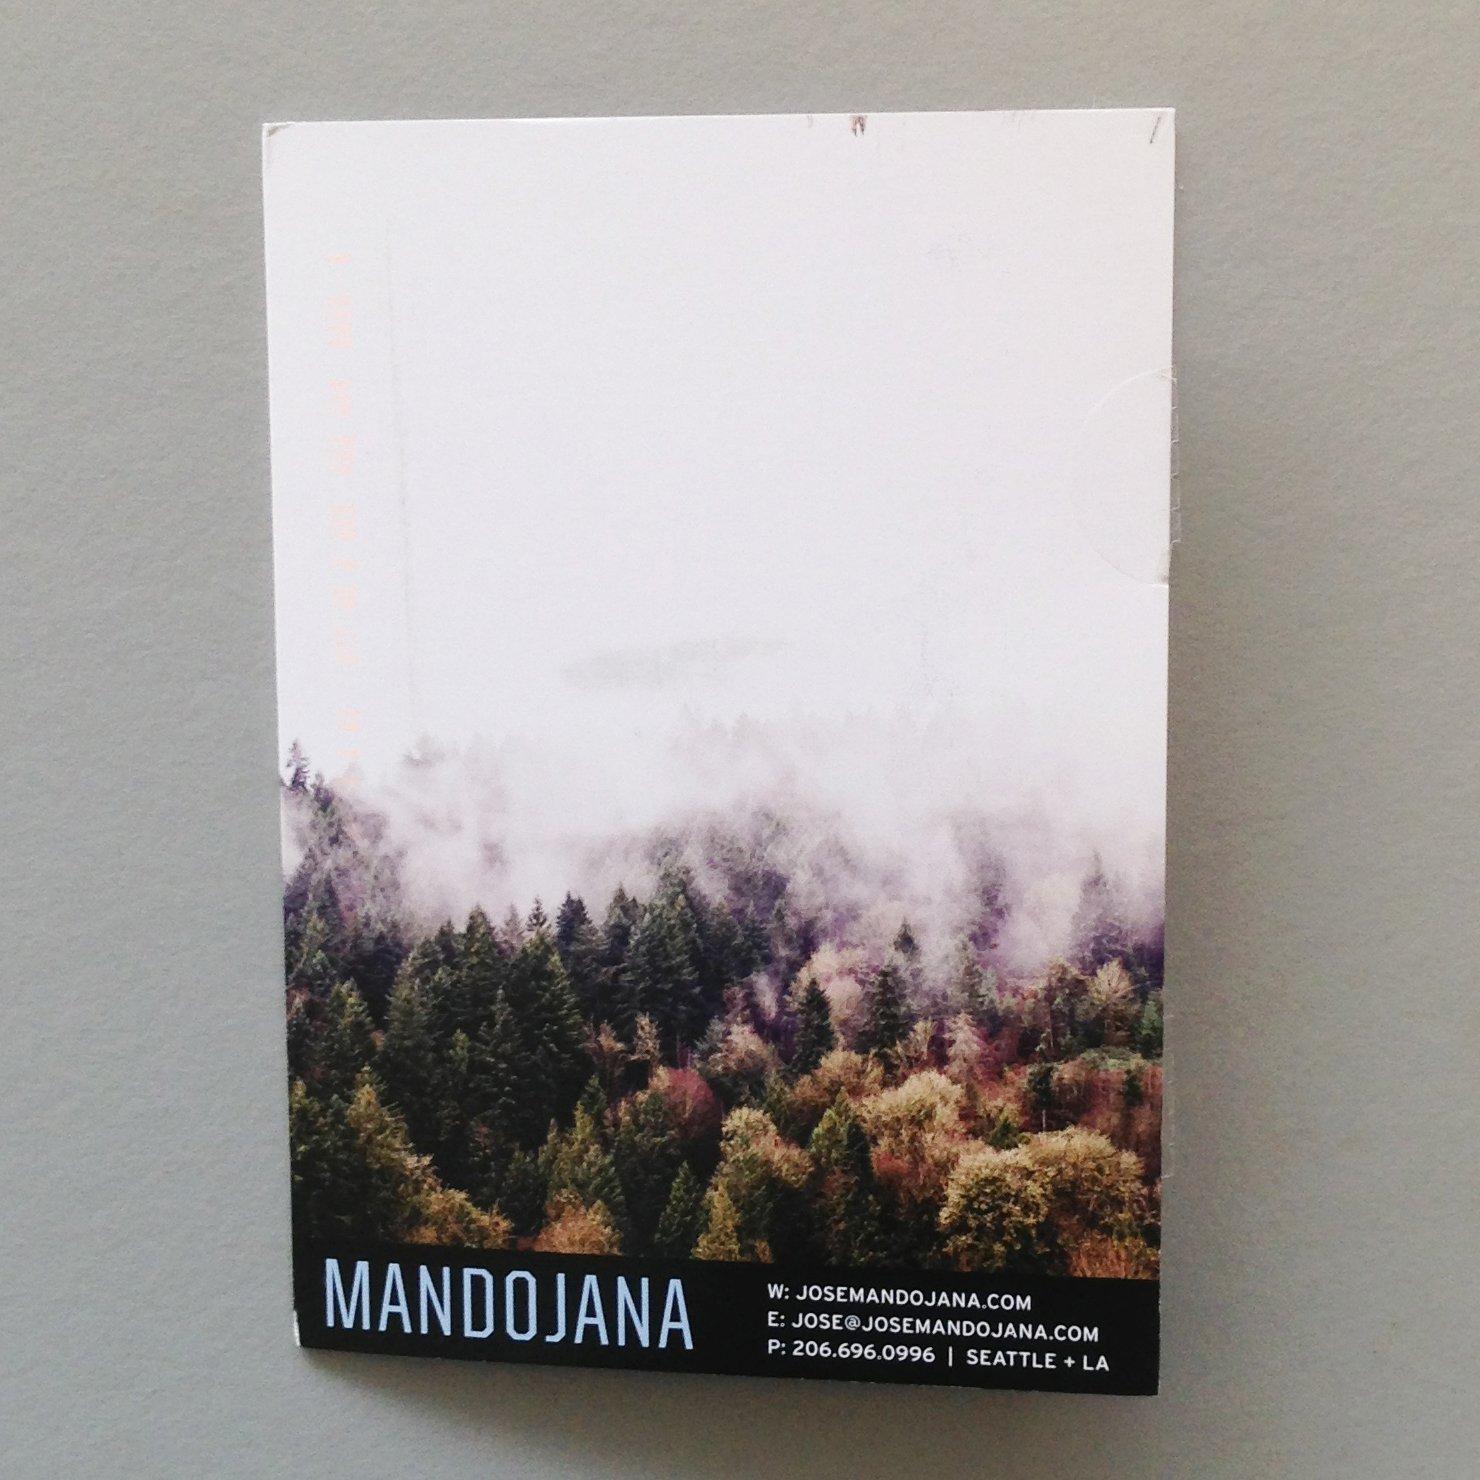 Photo 3 of 3 in Promo Daily: José Mandojana